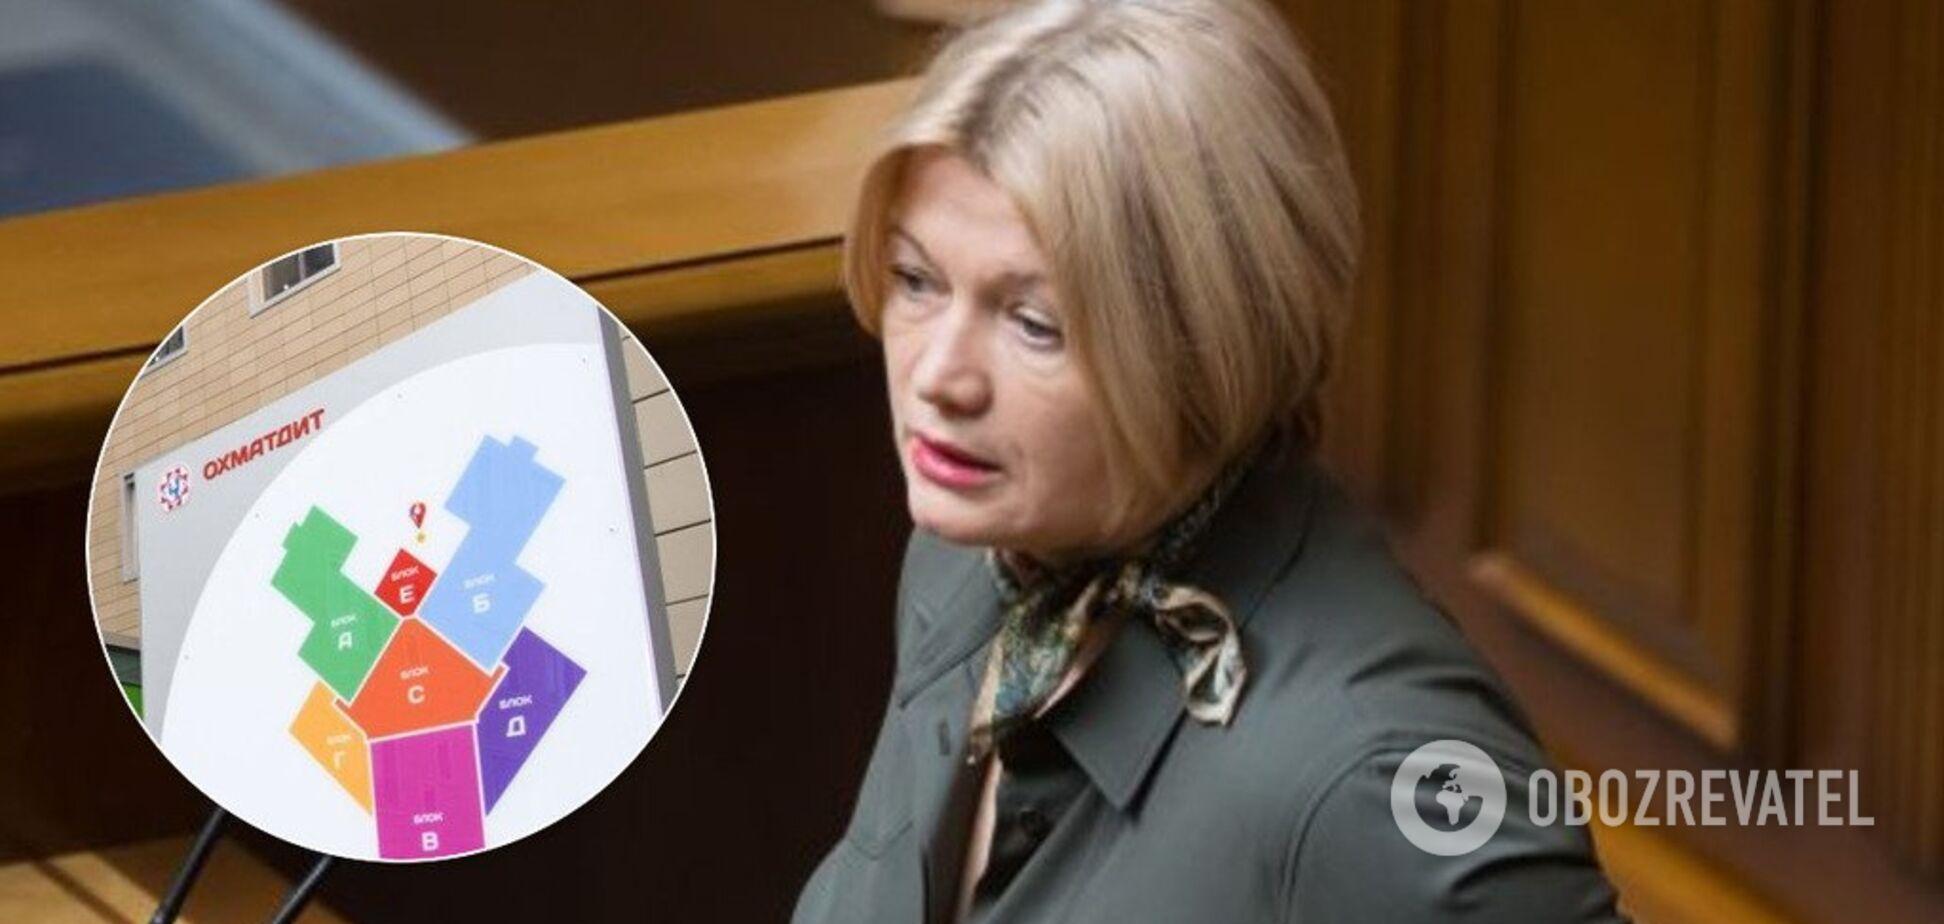 Із зарплати депутатів: Раді запропонували перерахувати кошти 'Охматдиту' і 'Таблеточкам'